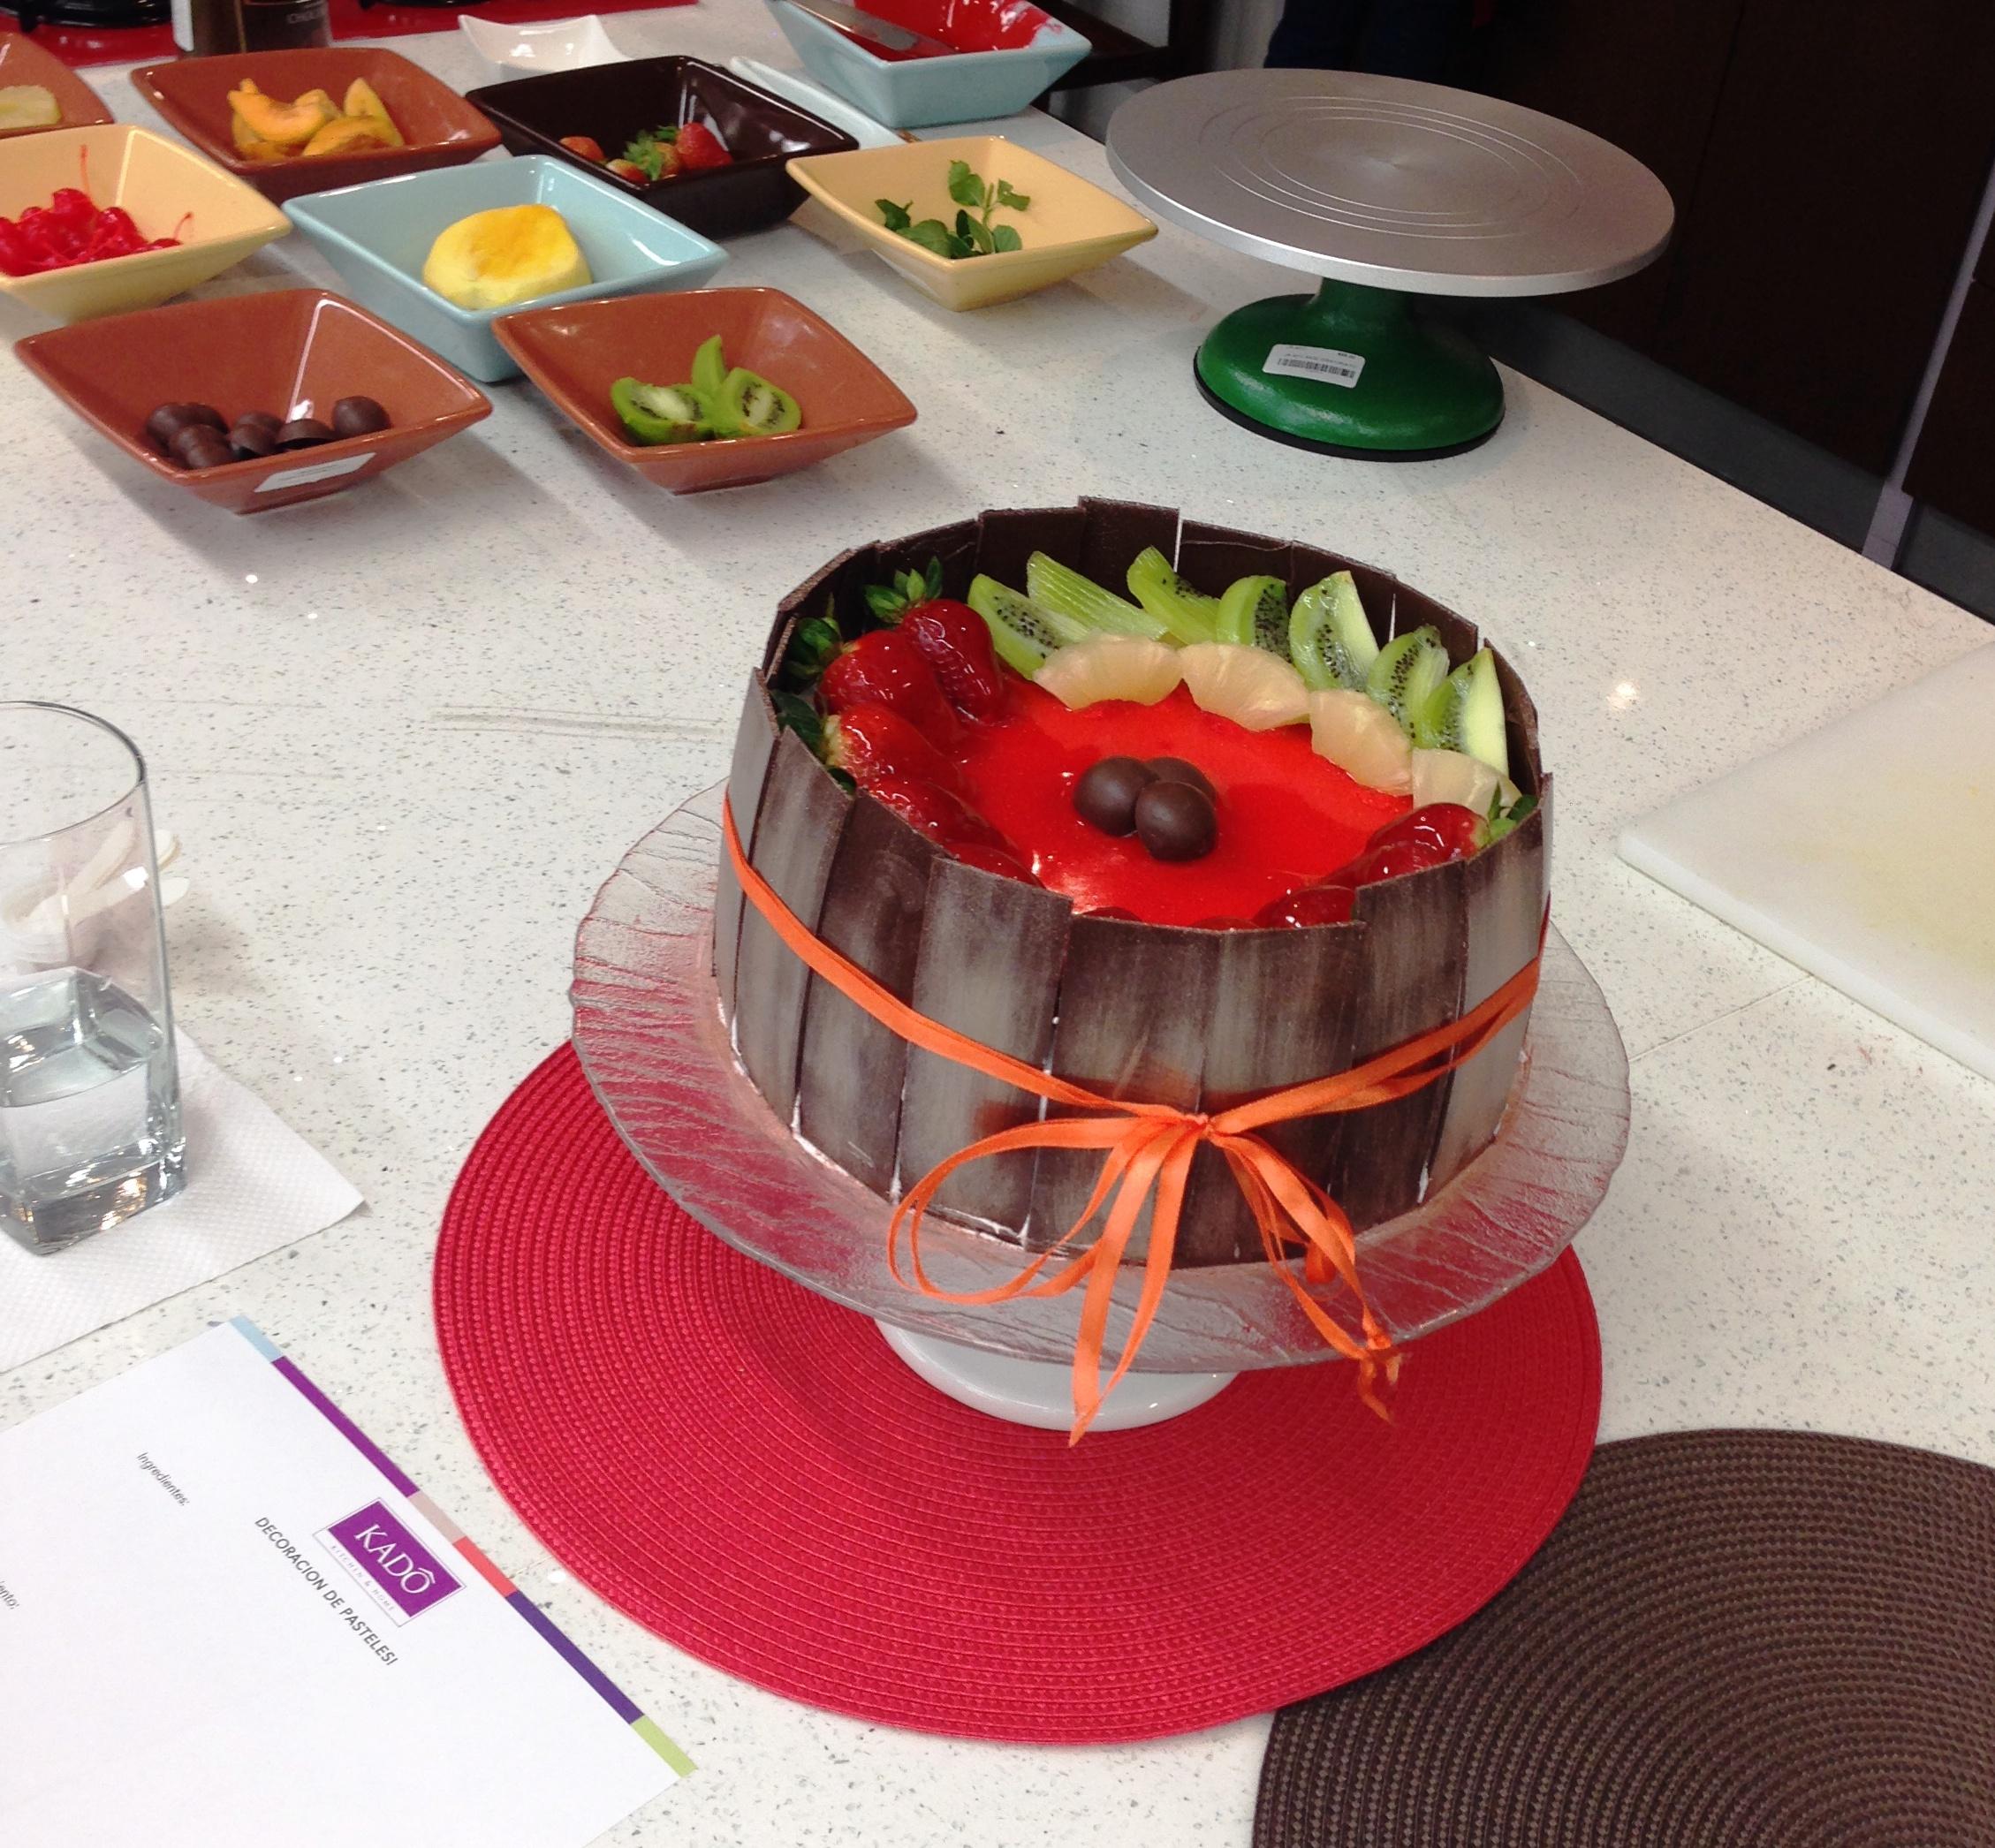 ¡Aprendiendo a decorar pasteles! en Kadó